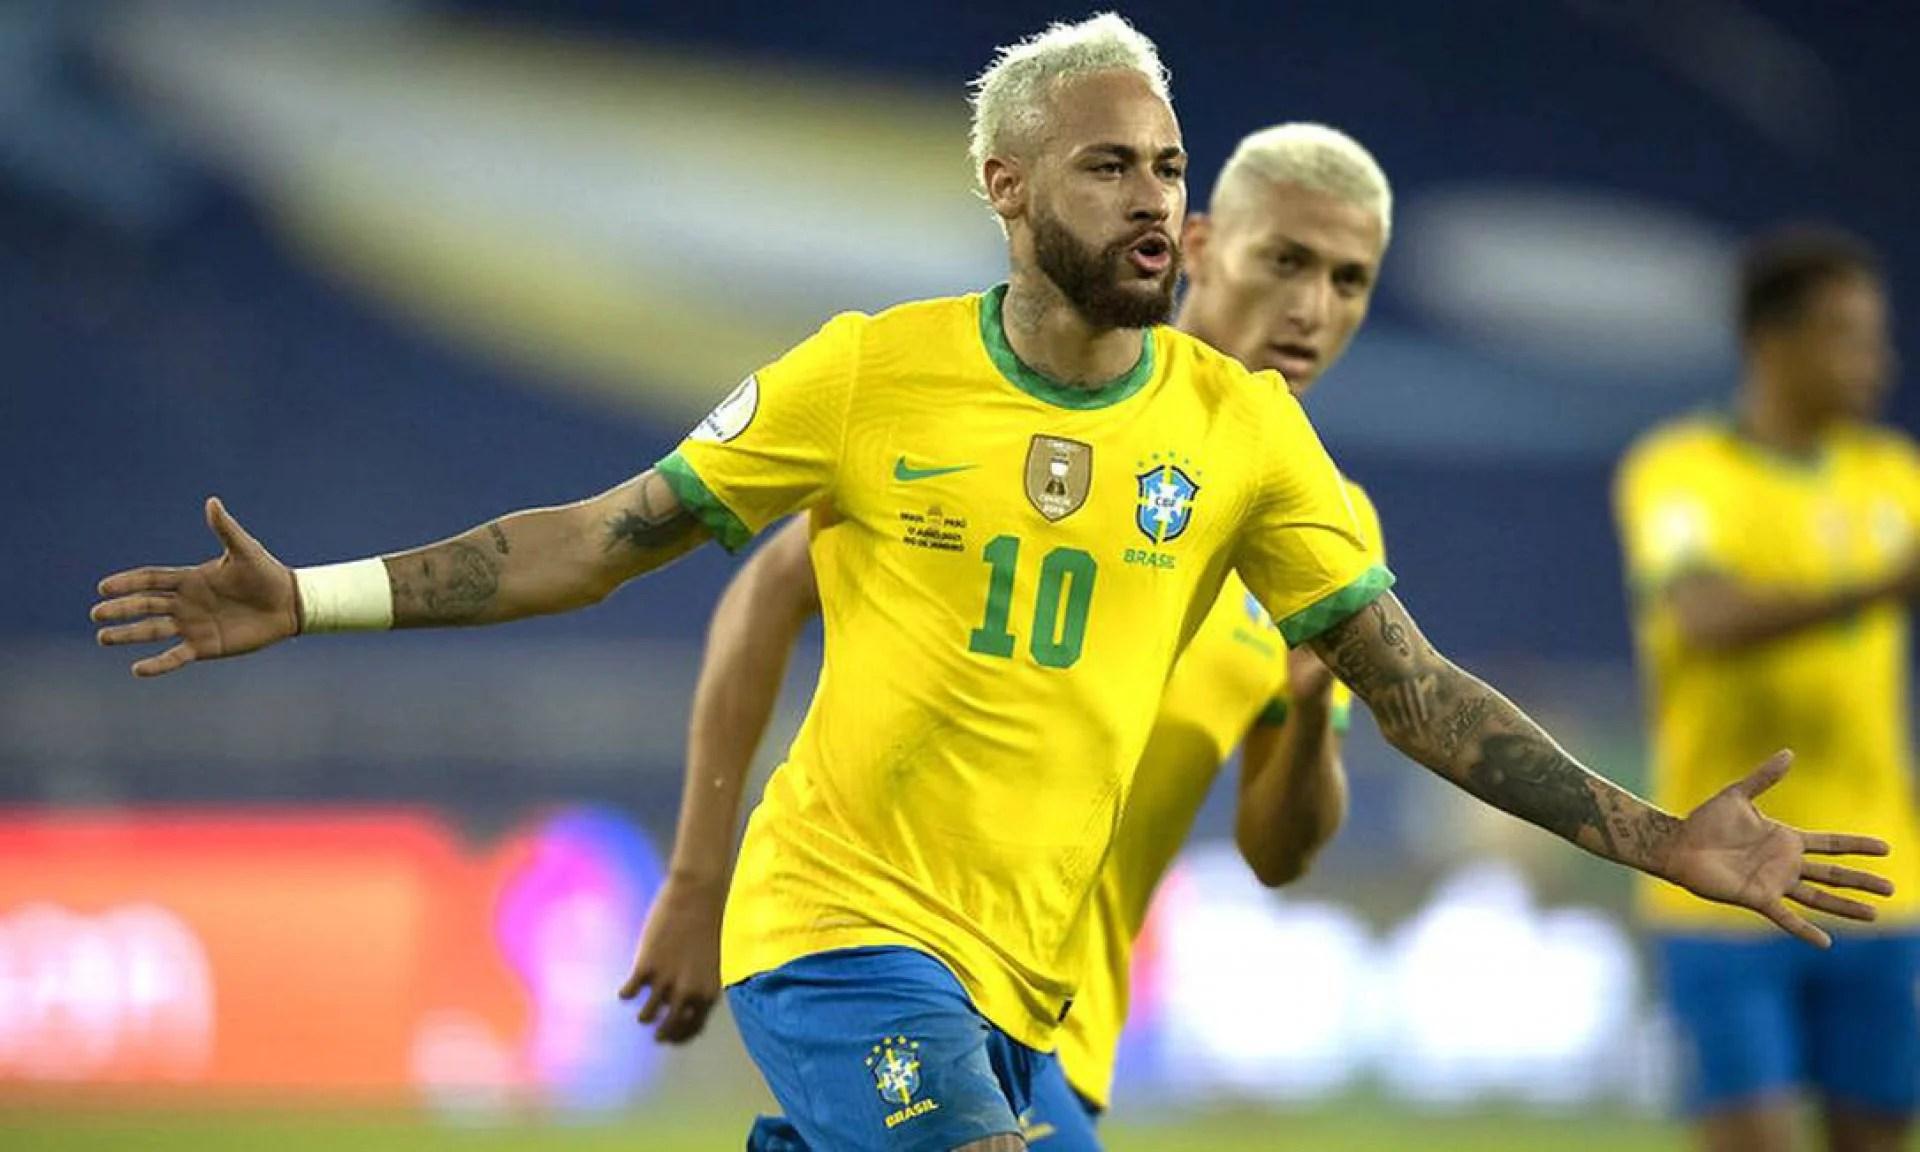 Neymar cumpriu suspensão e volta contra a Colômbia - Foto: Lucas Figueiredo/CBF